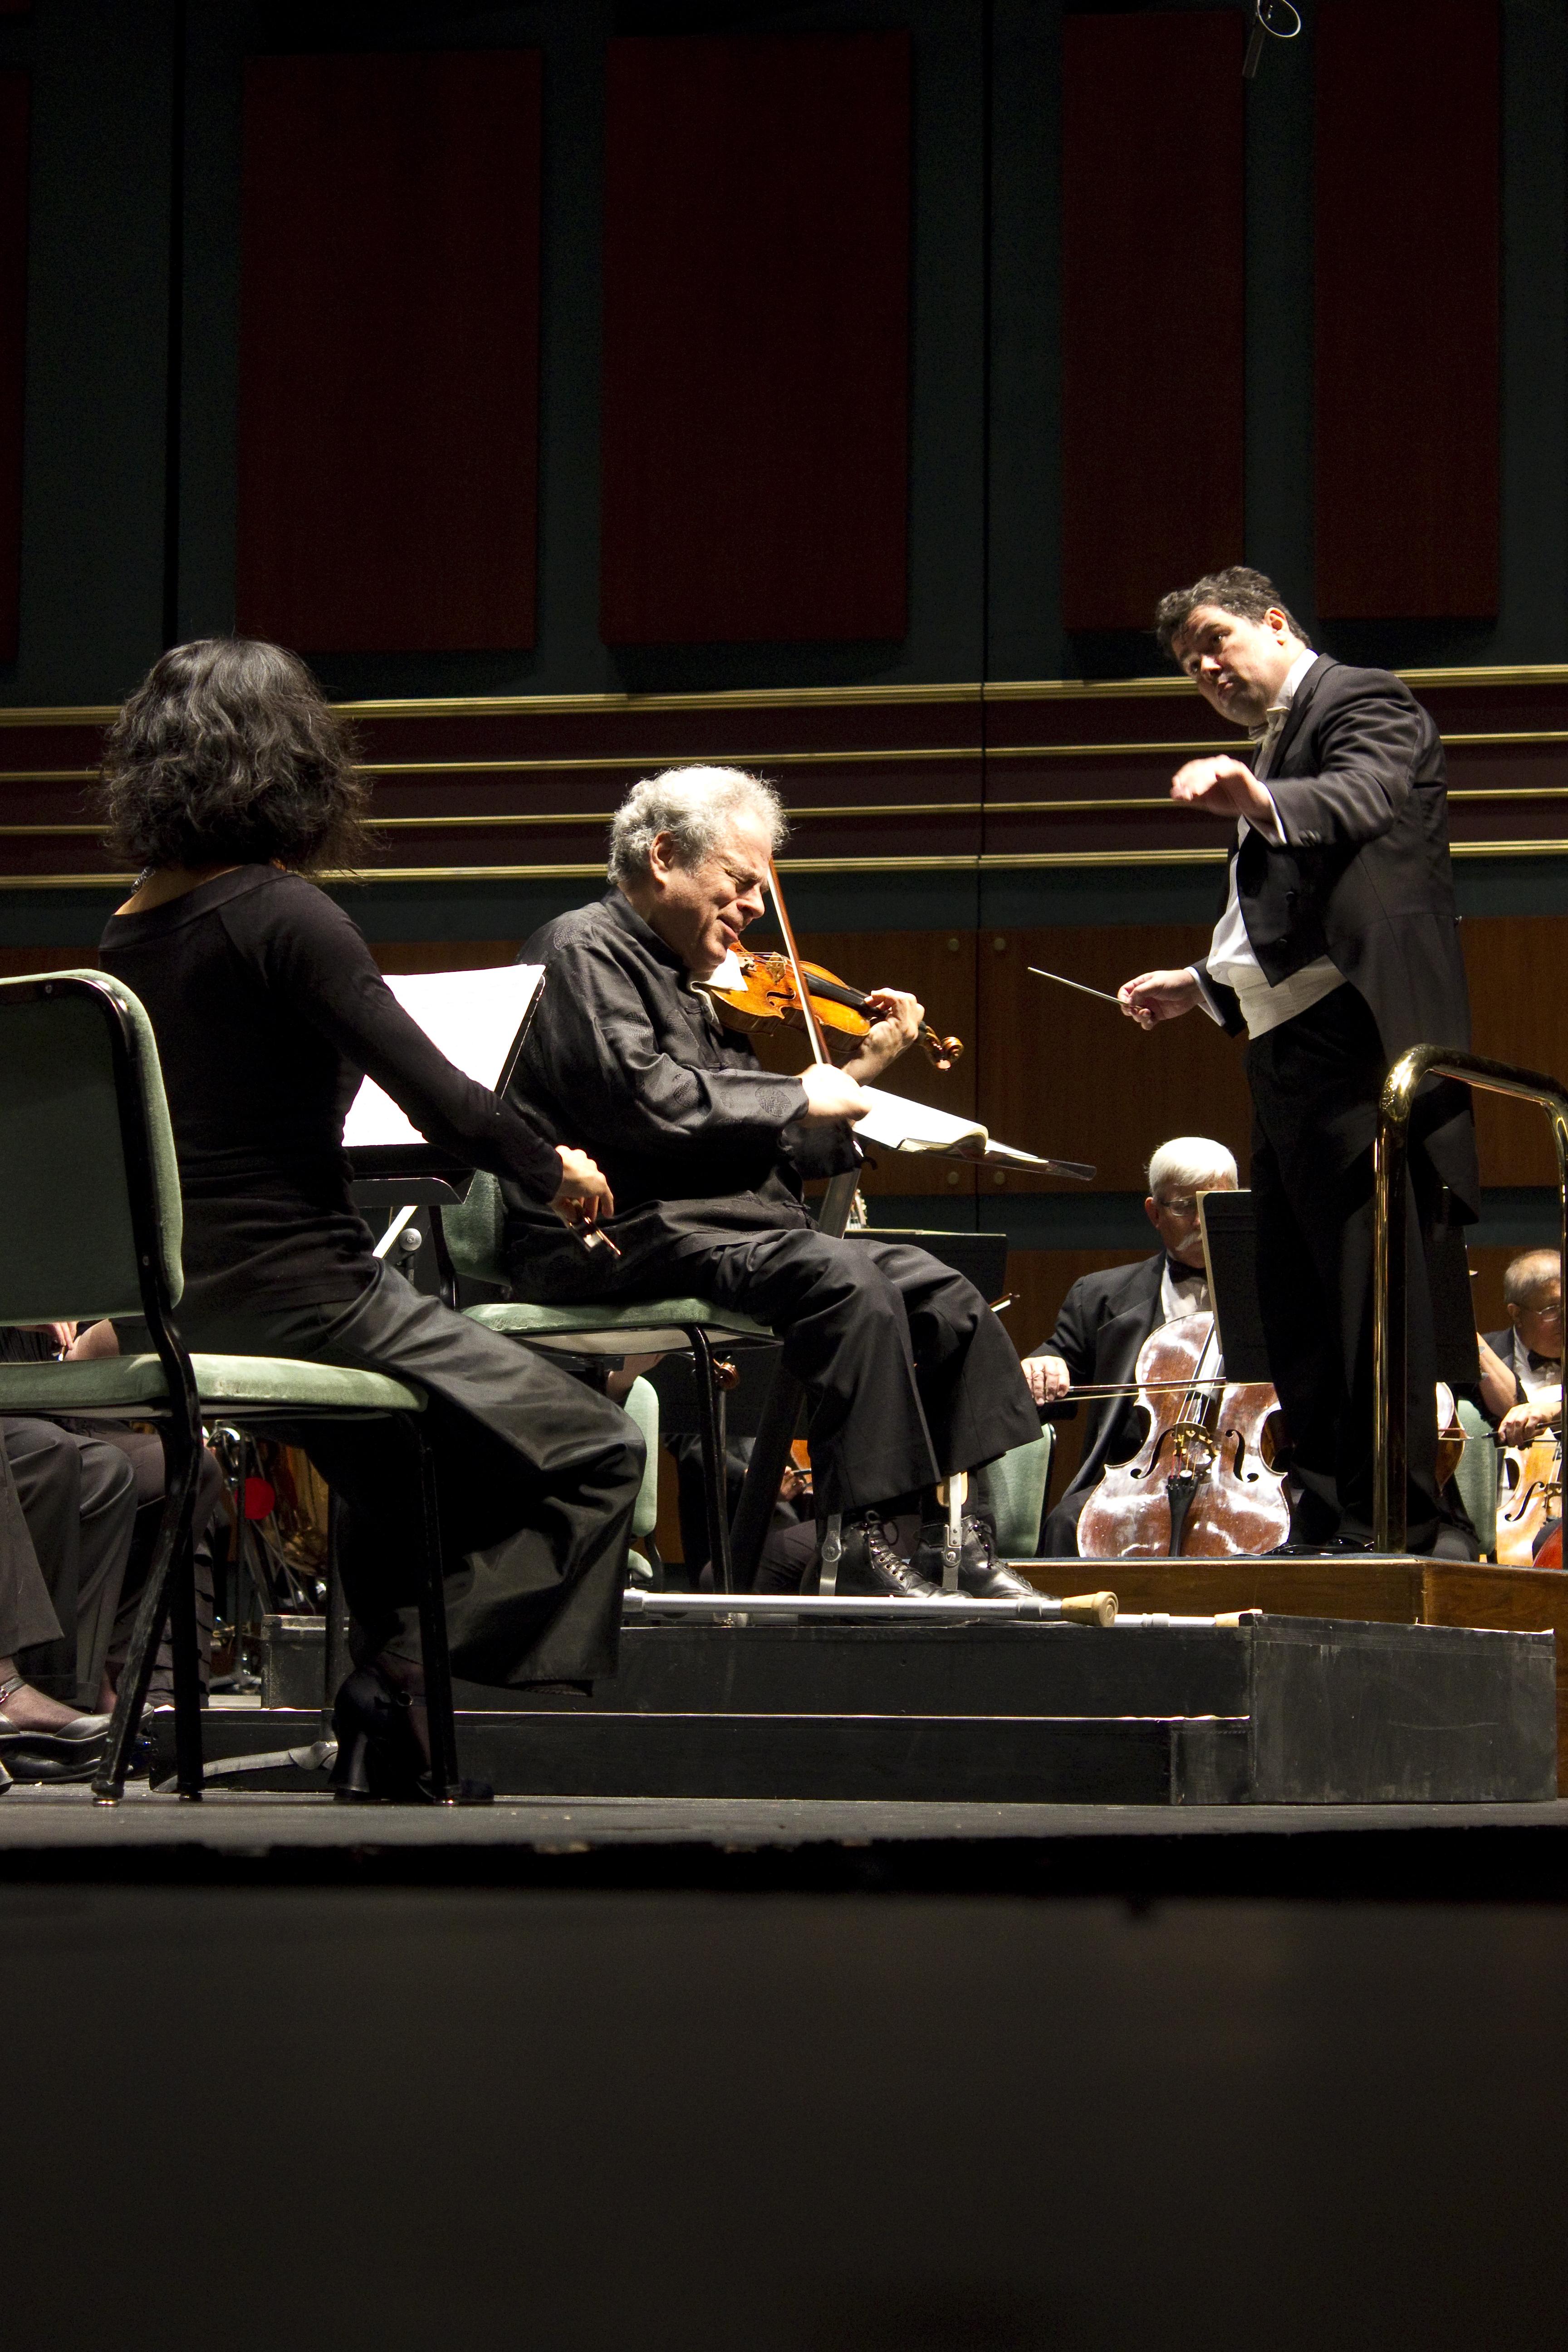 Itzak Perlman and Eugene Symphony